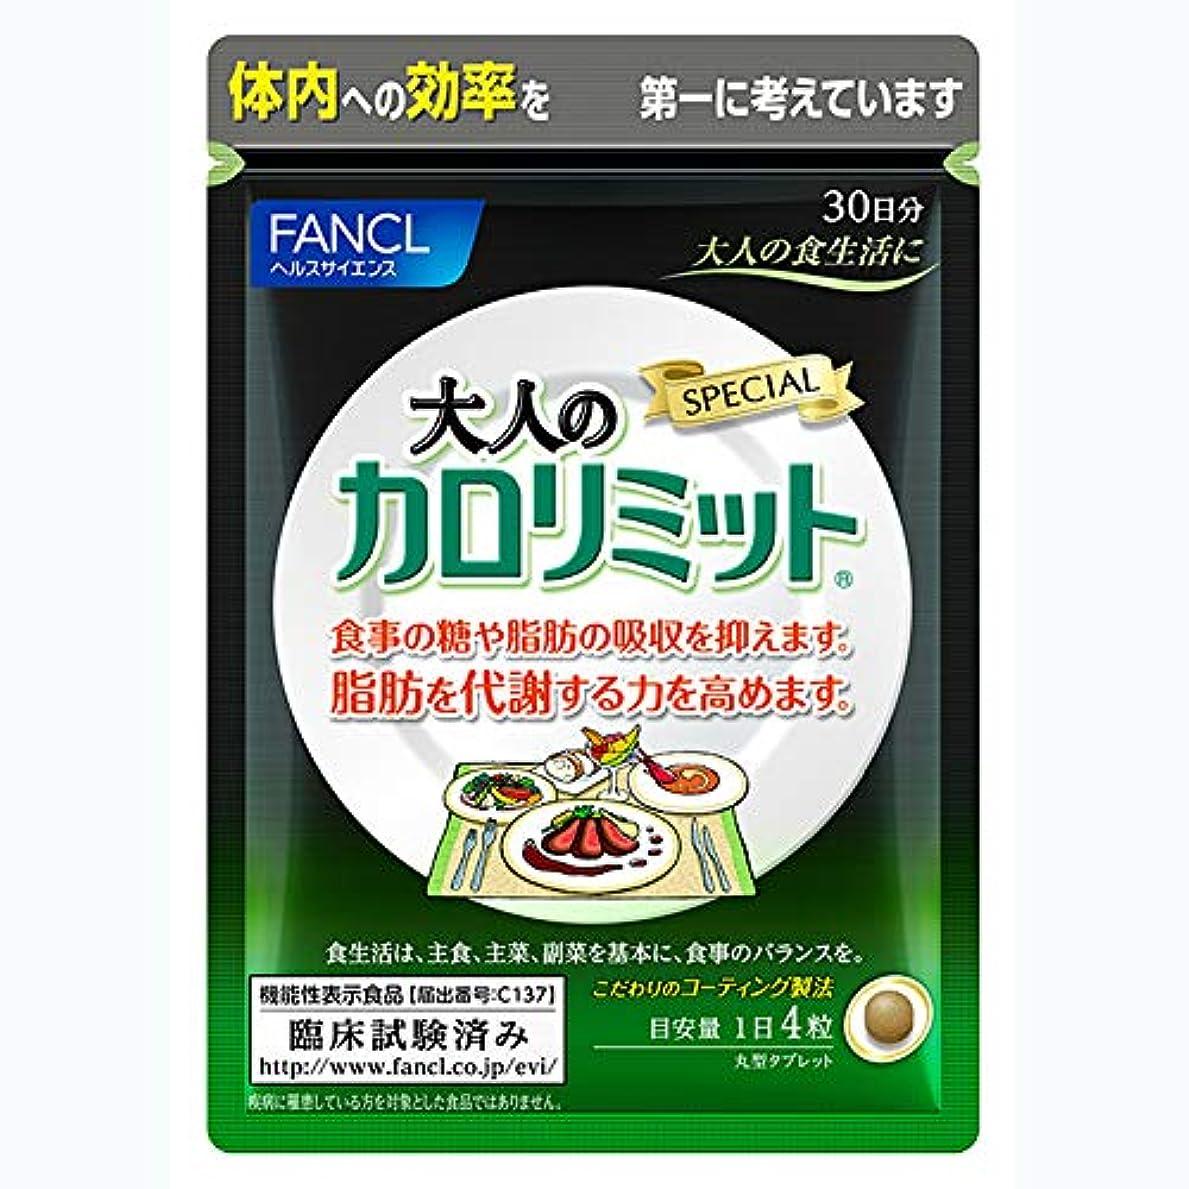 助言する王子ラフトファンケル (FANCL) 大人のカロリミット (約30日分) 120粒 [機能性表示食品]